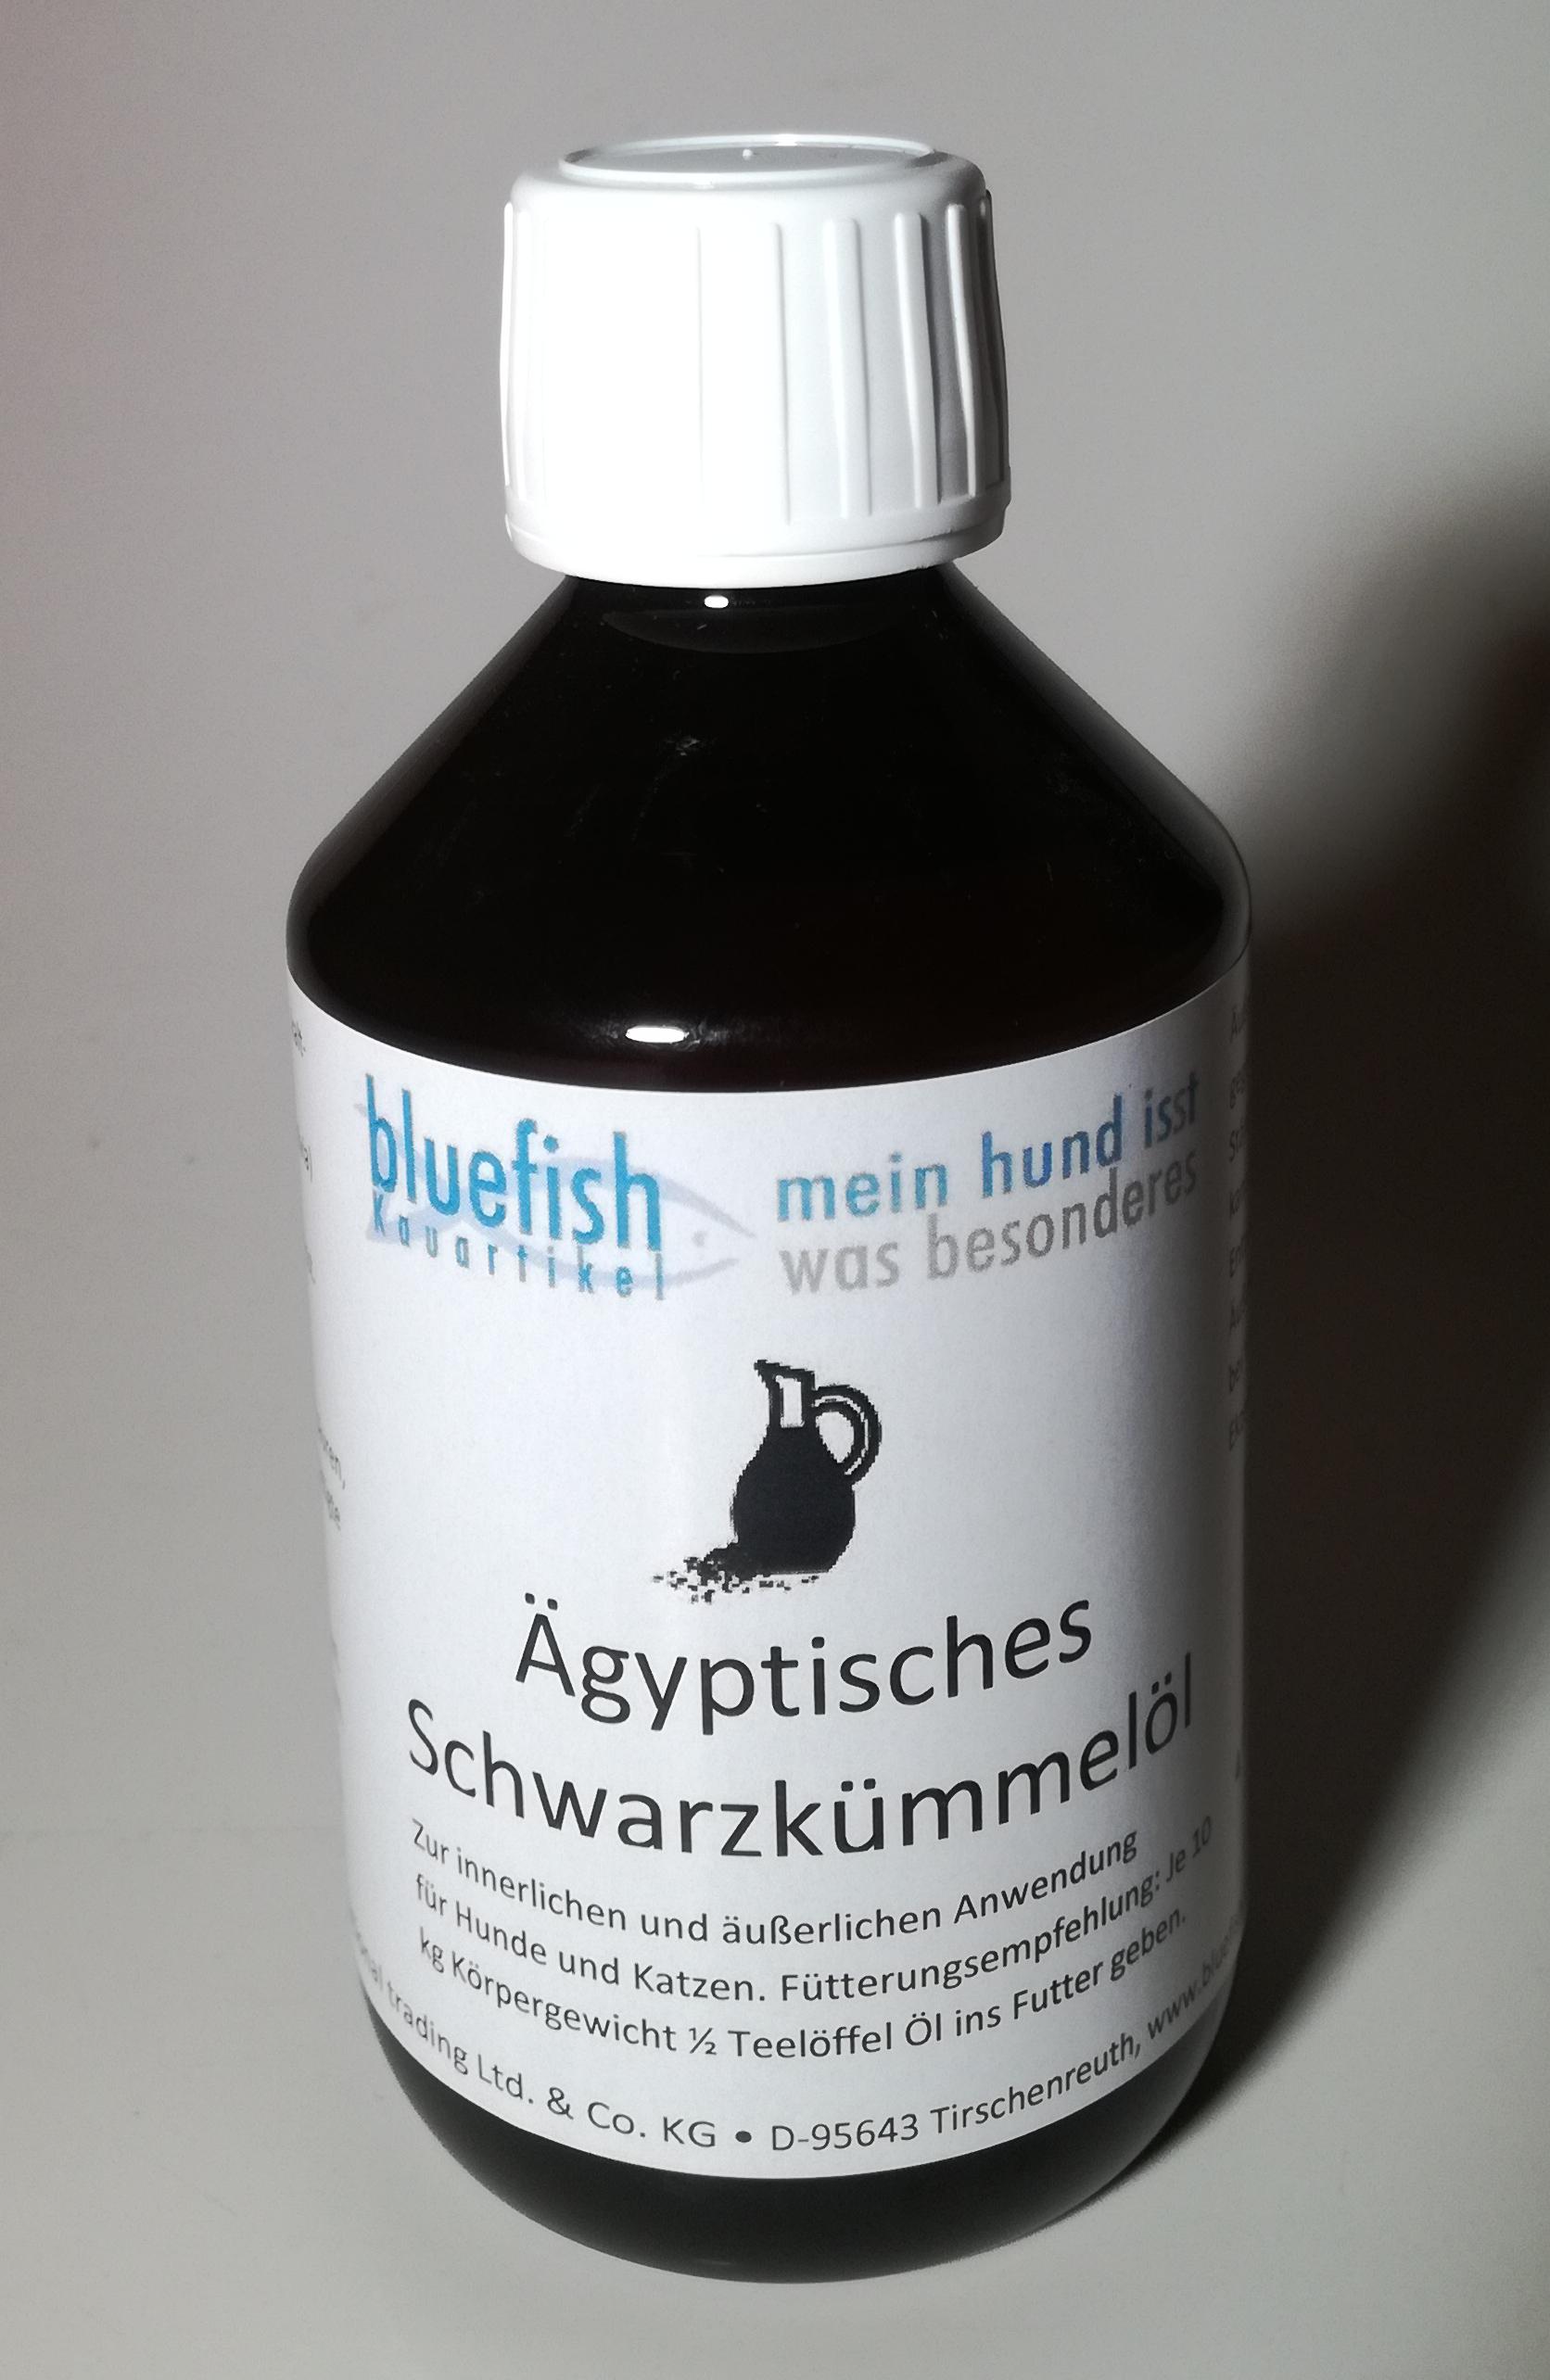 Kümmelöl Für Hunde